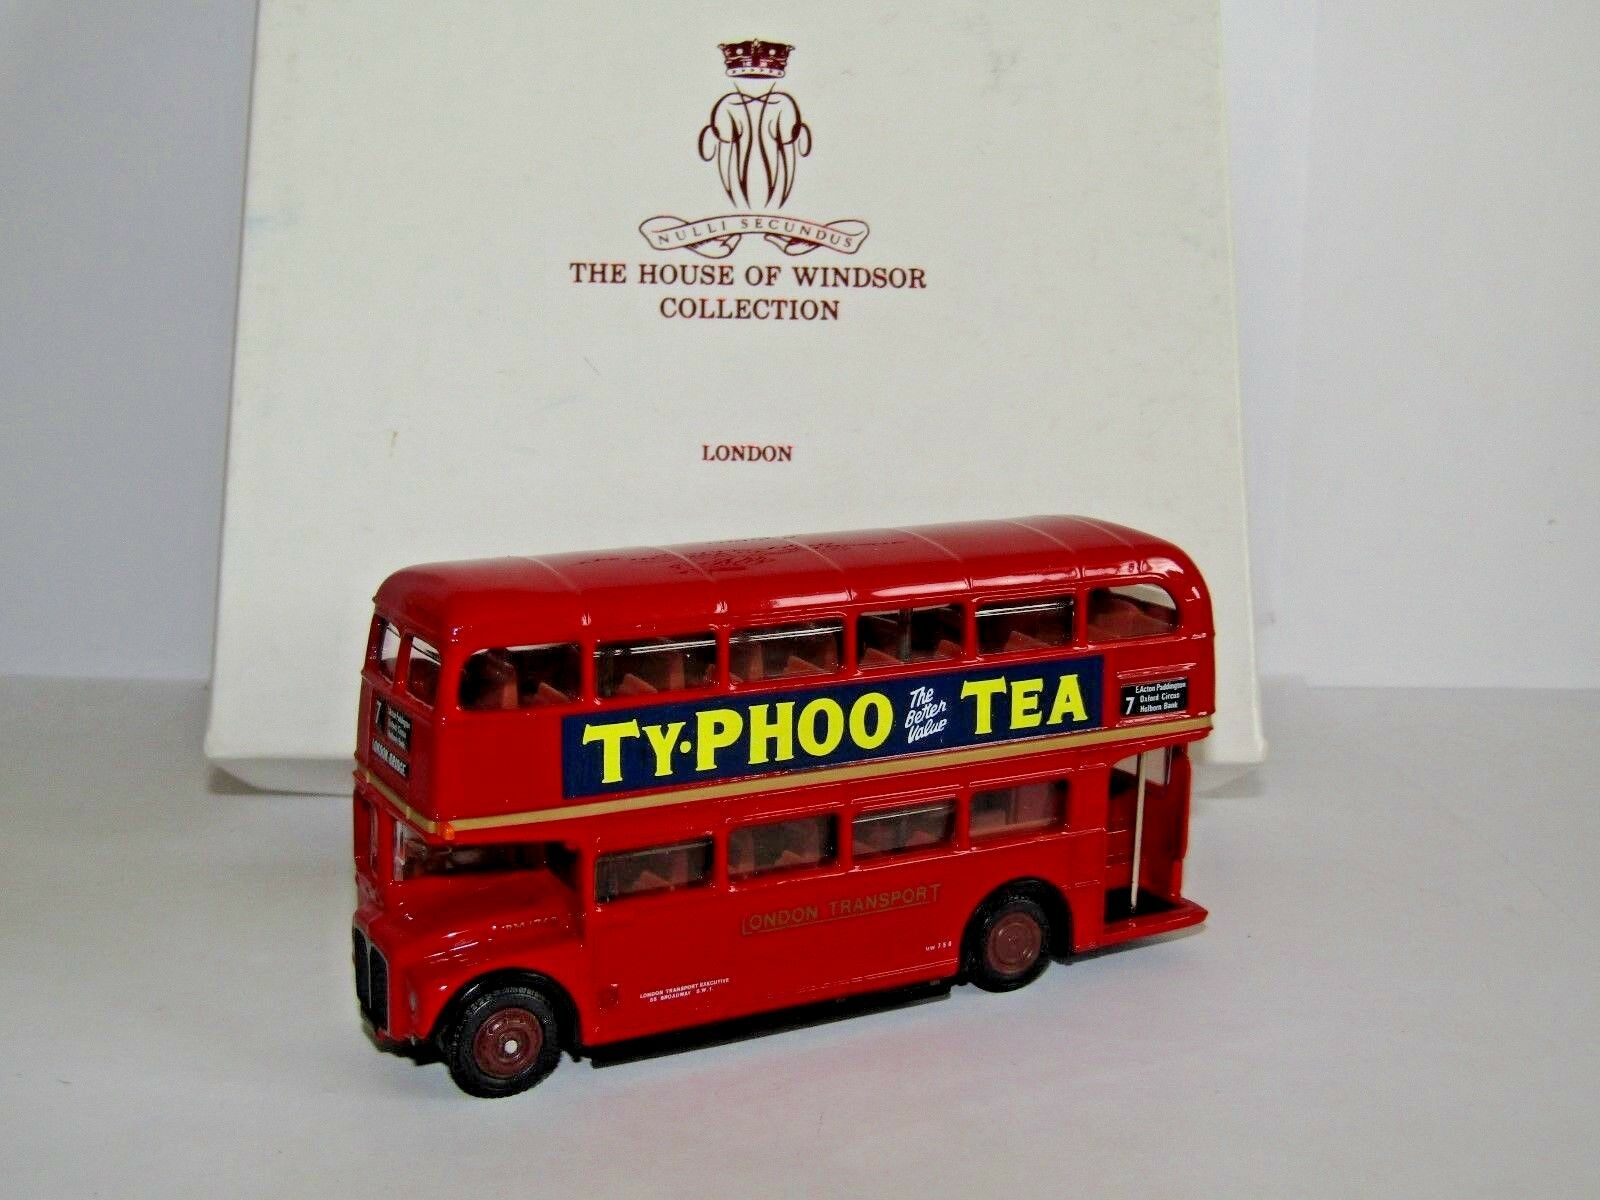 forma única Efe AEC RM RM RM Routemaster Bus Londres transporte Casa de Windsor Ruta 7 1 76 15608C  auténtico